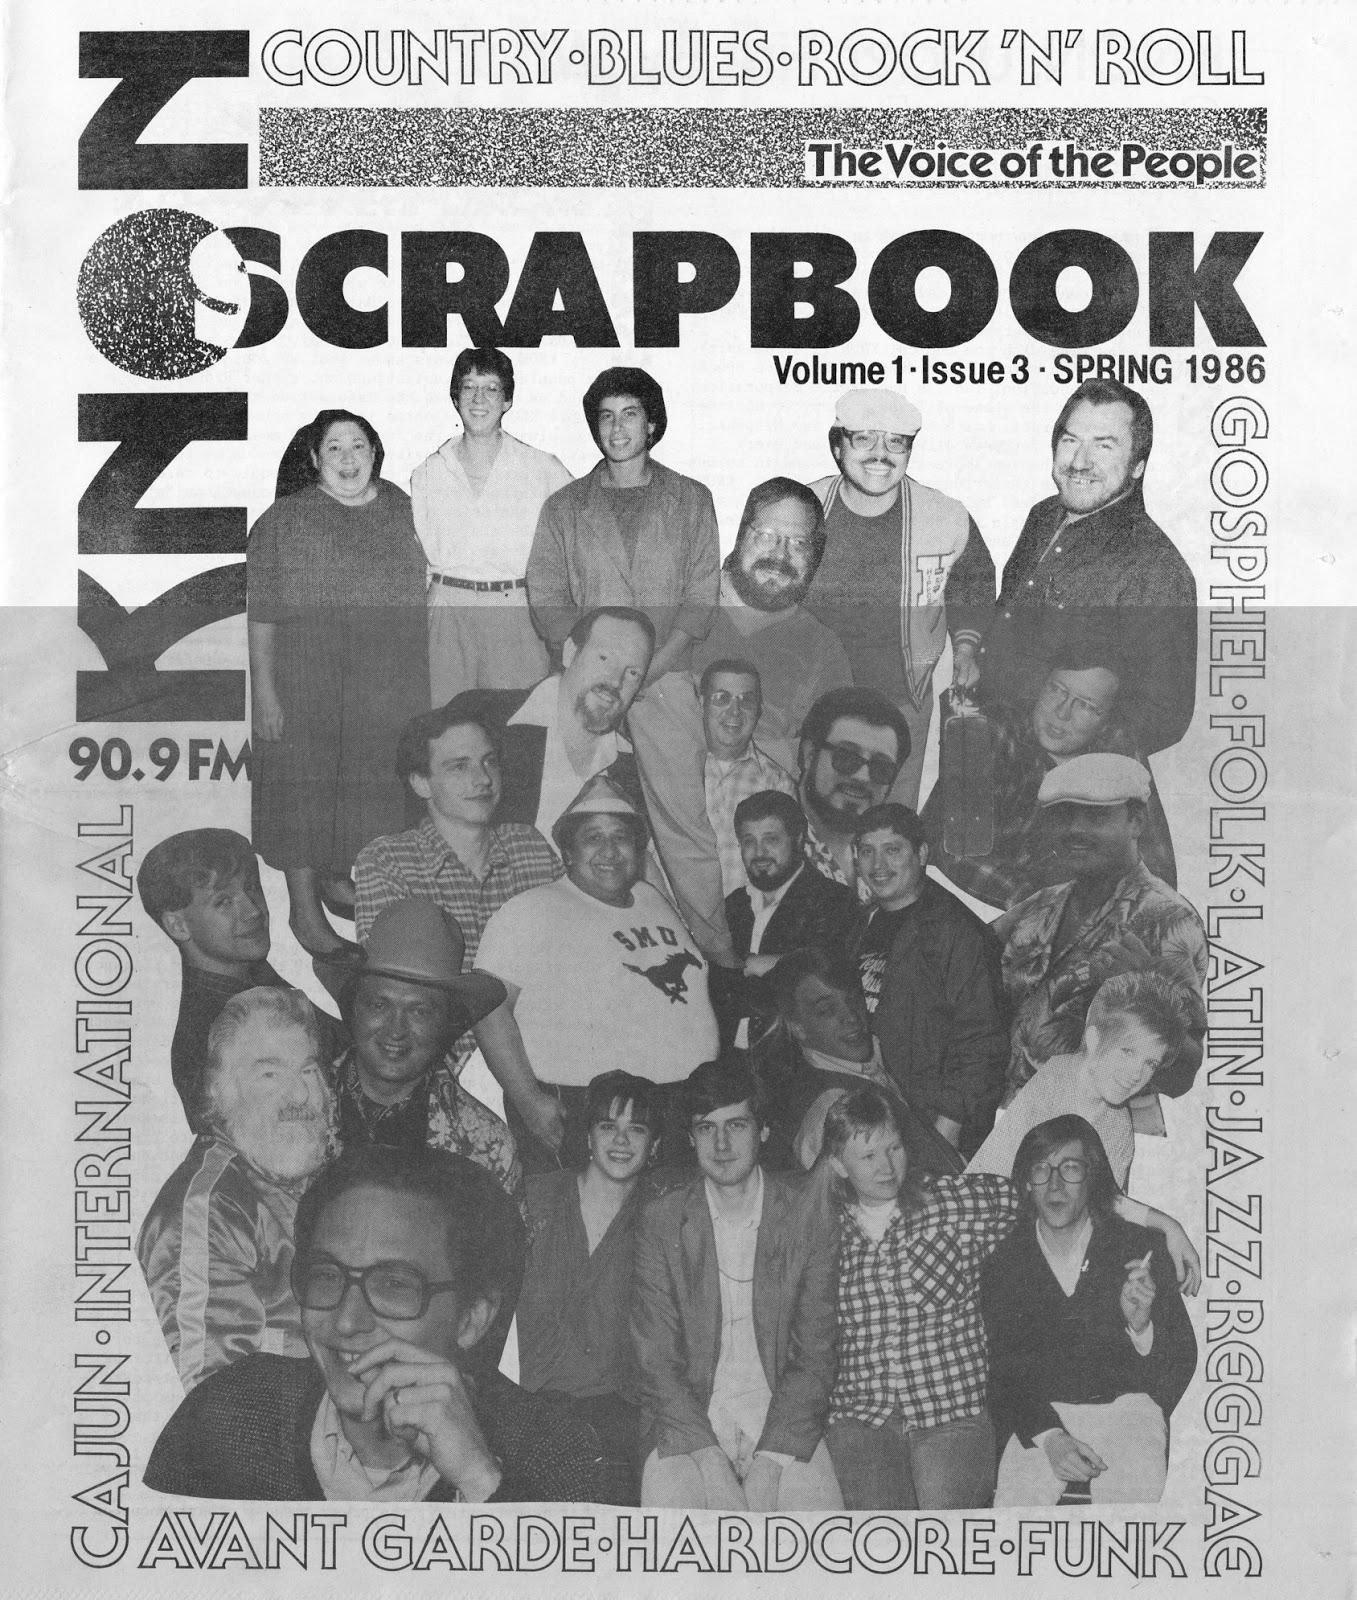 scrapbook-1986-issue-3-p01